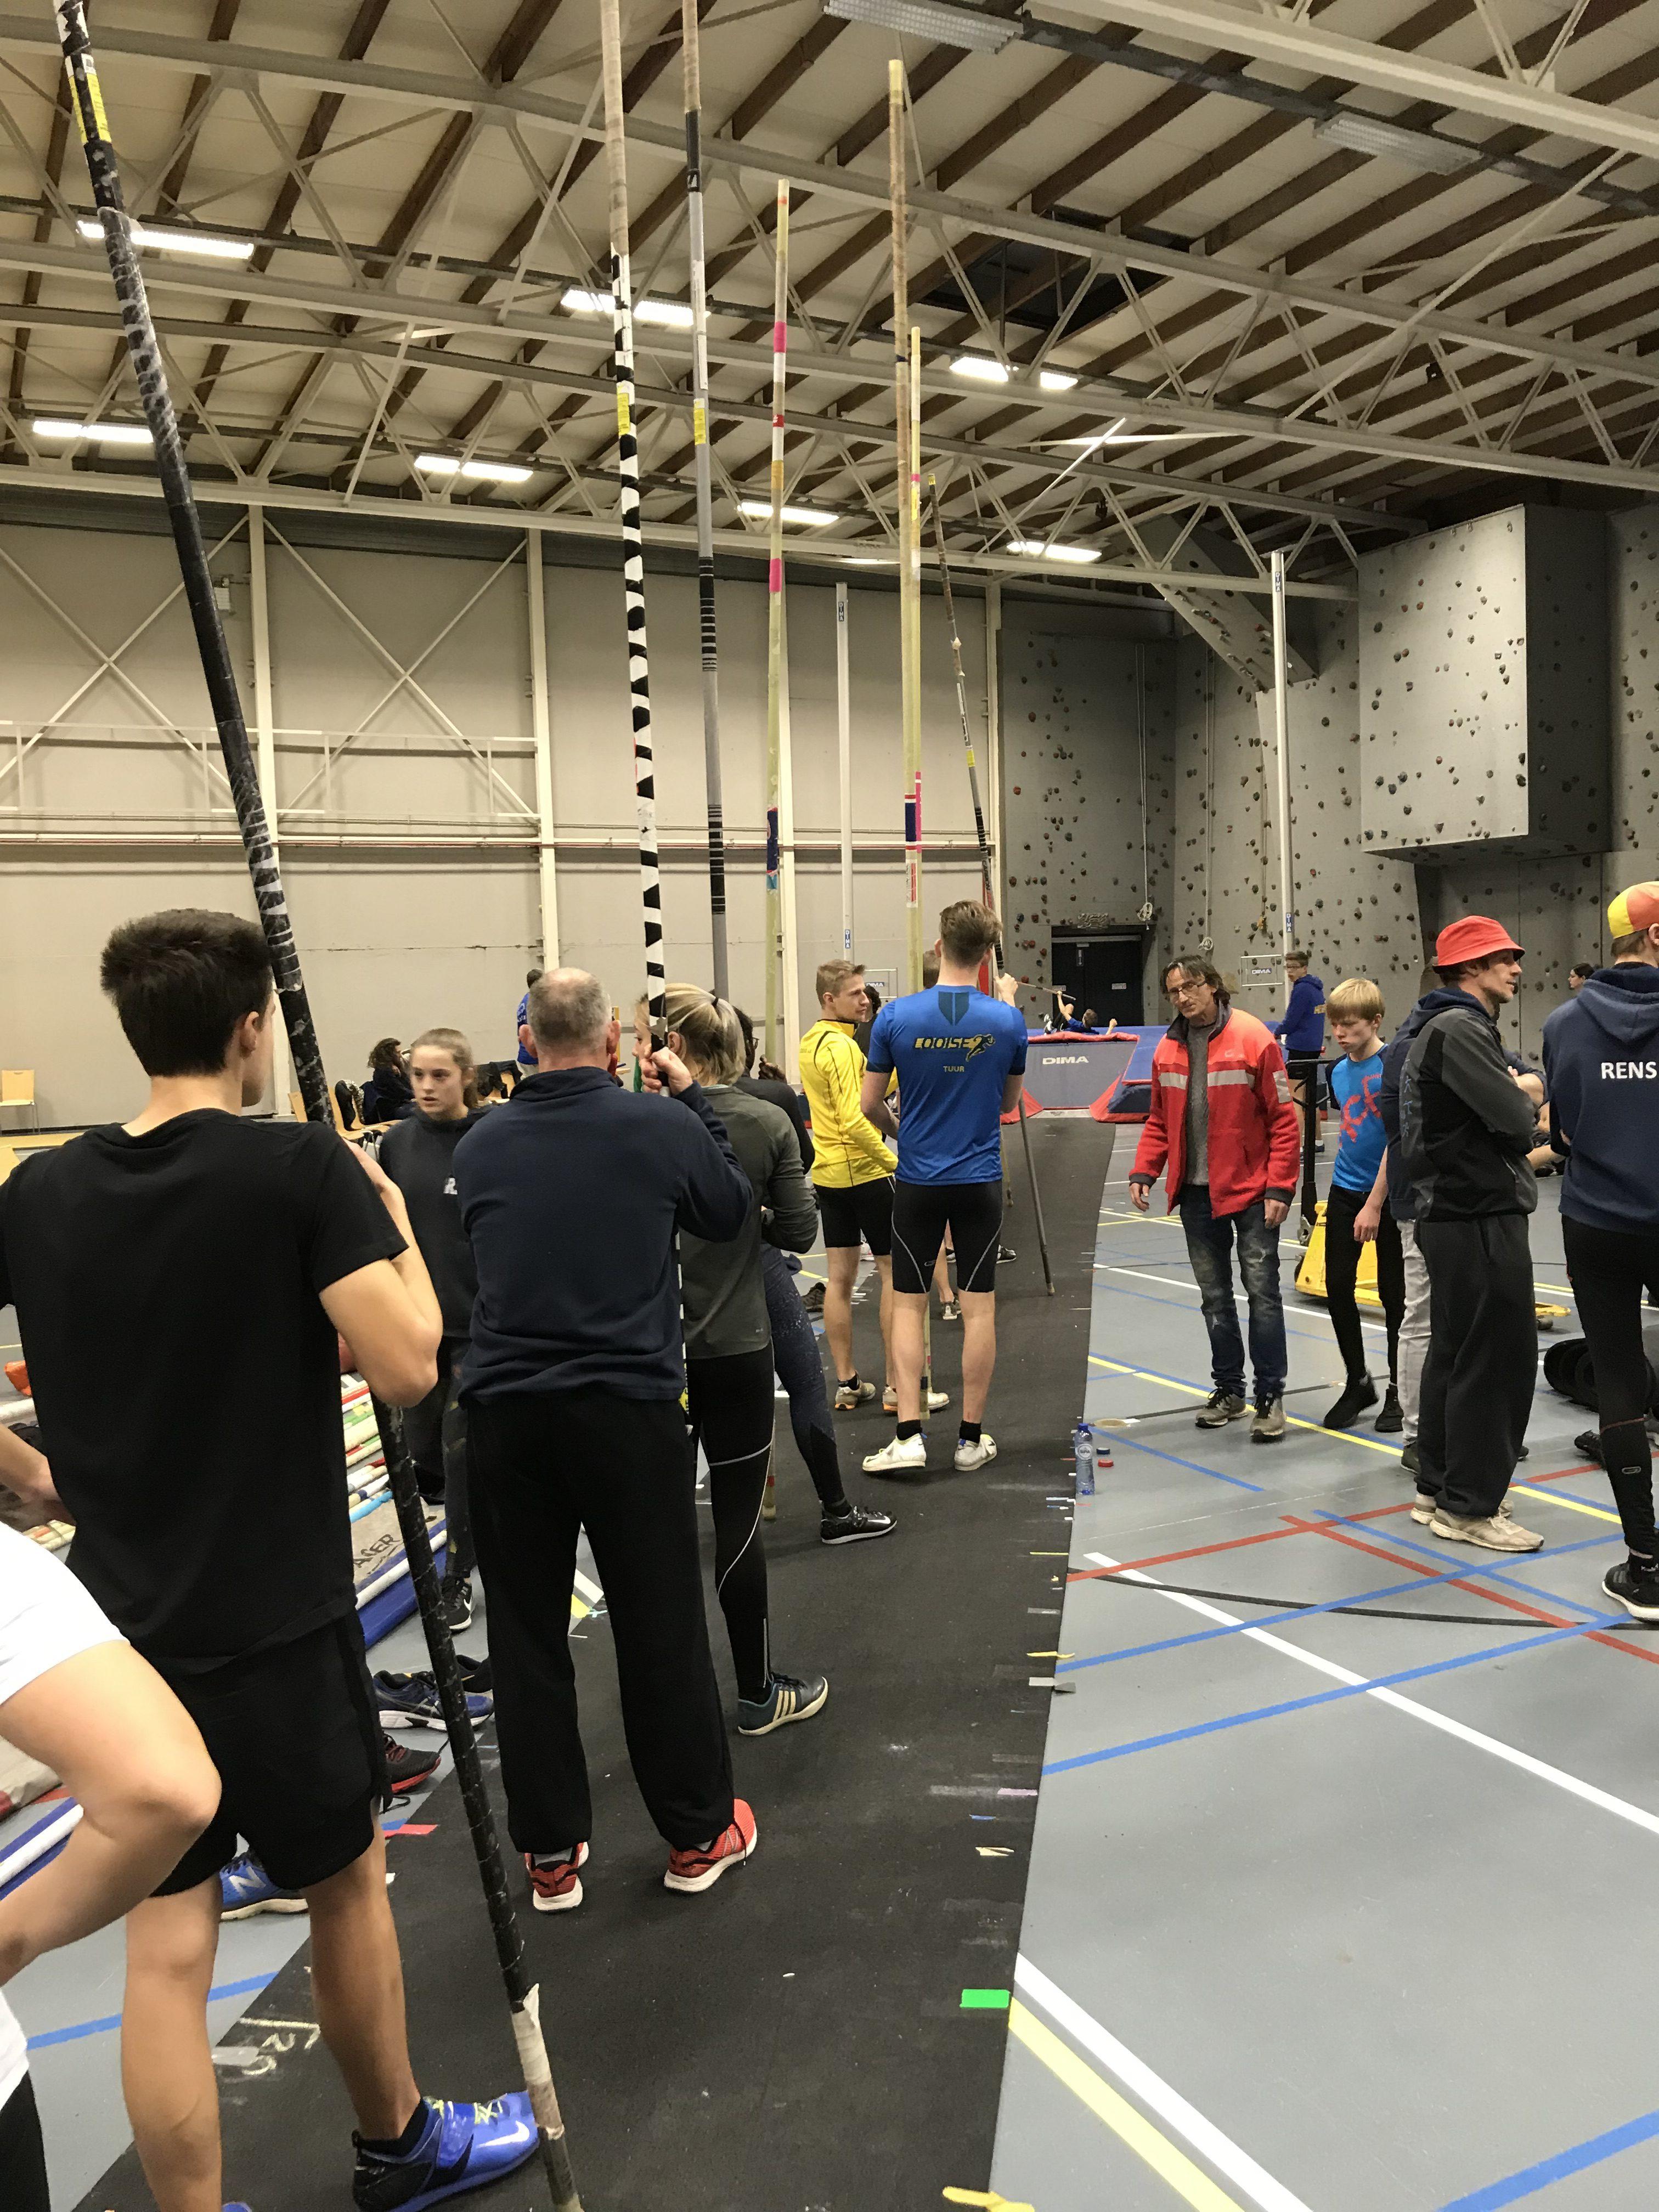 RCT Atletiek open indoormeeting met jeugd, 09/02/2019